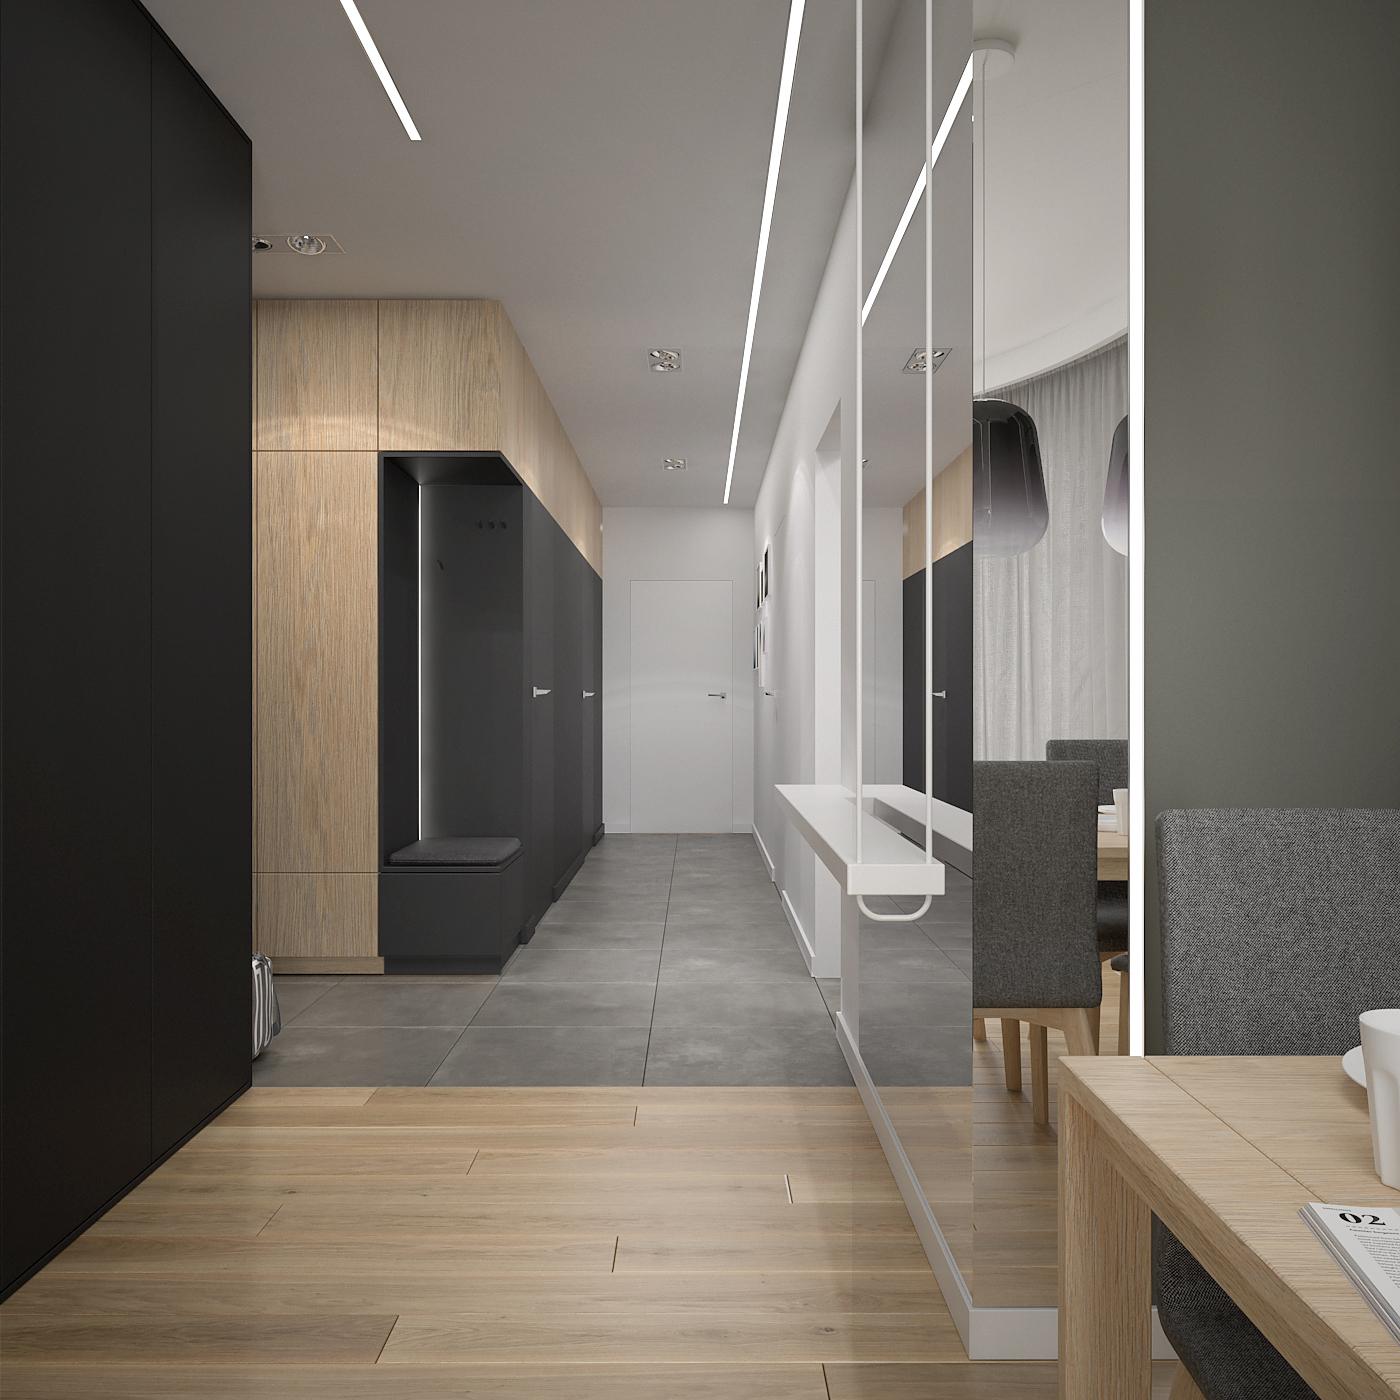 6 projekt wnetrza 537 mieszkanie krakow korytrz duze lustro czarna zabudowa sidzisko w zabudowie oswietlenie liniowe podtynkowe